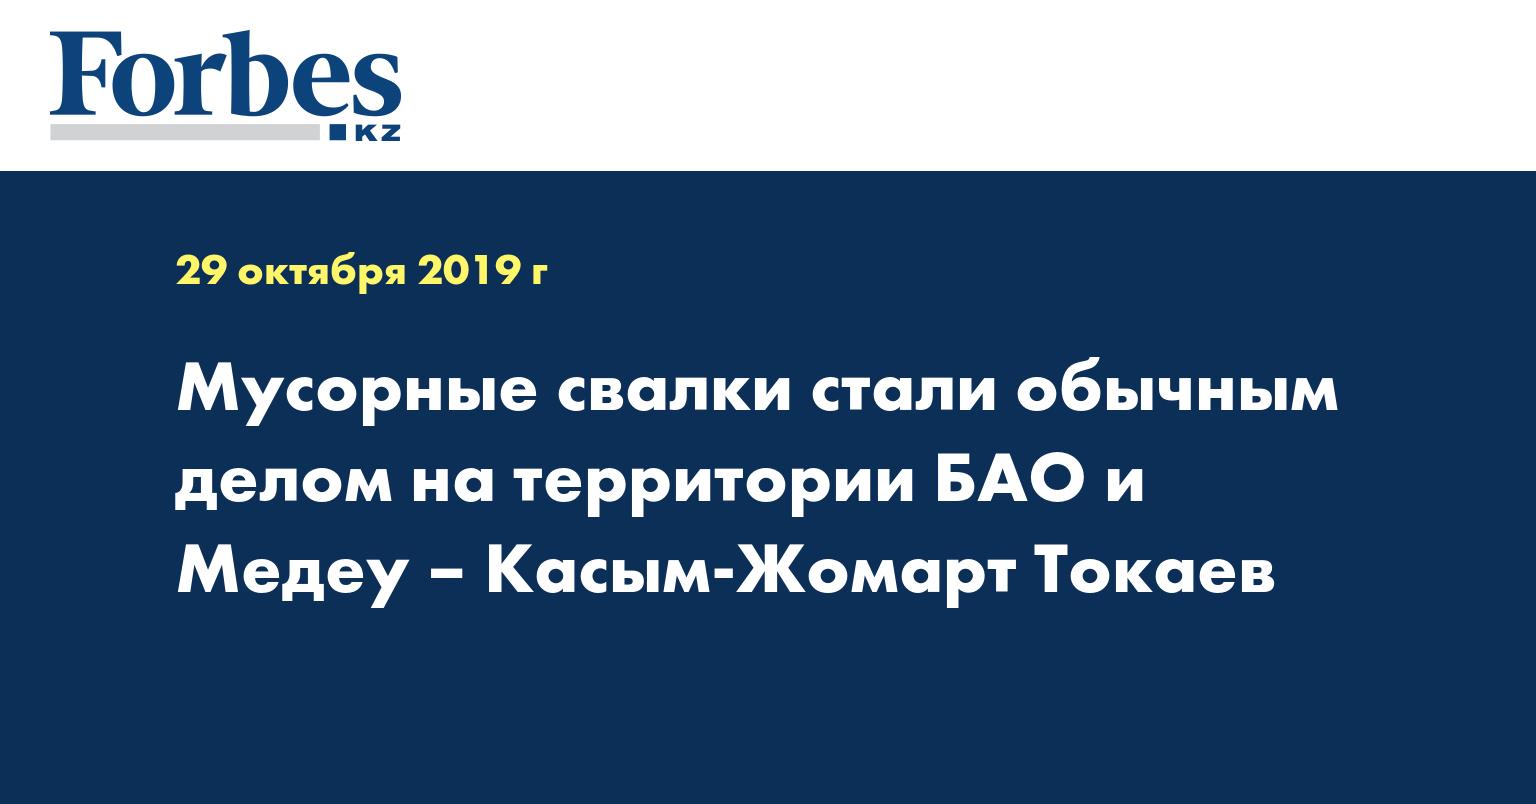 Мусорные свалки стали обычным делом на территории БАО и Медеу – Касым-Жомарт Токаев